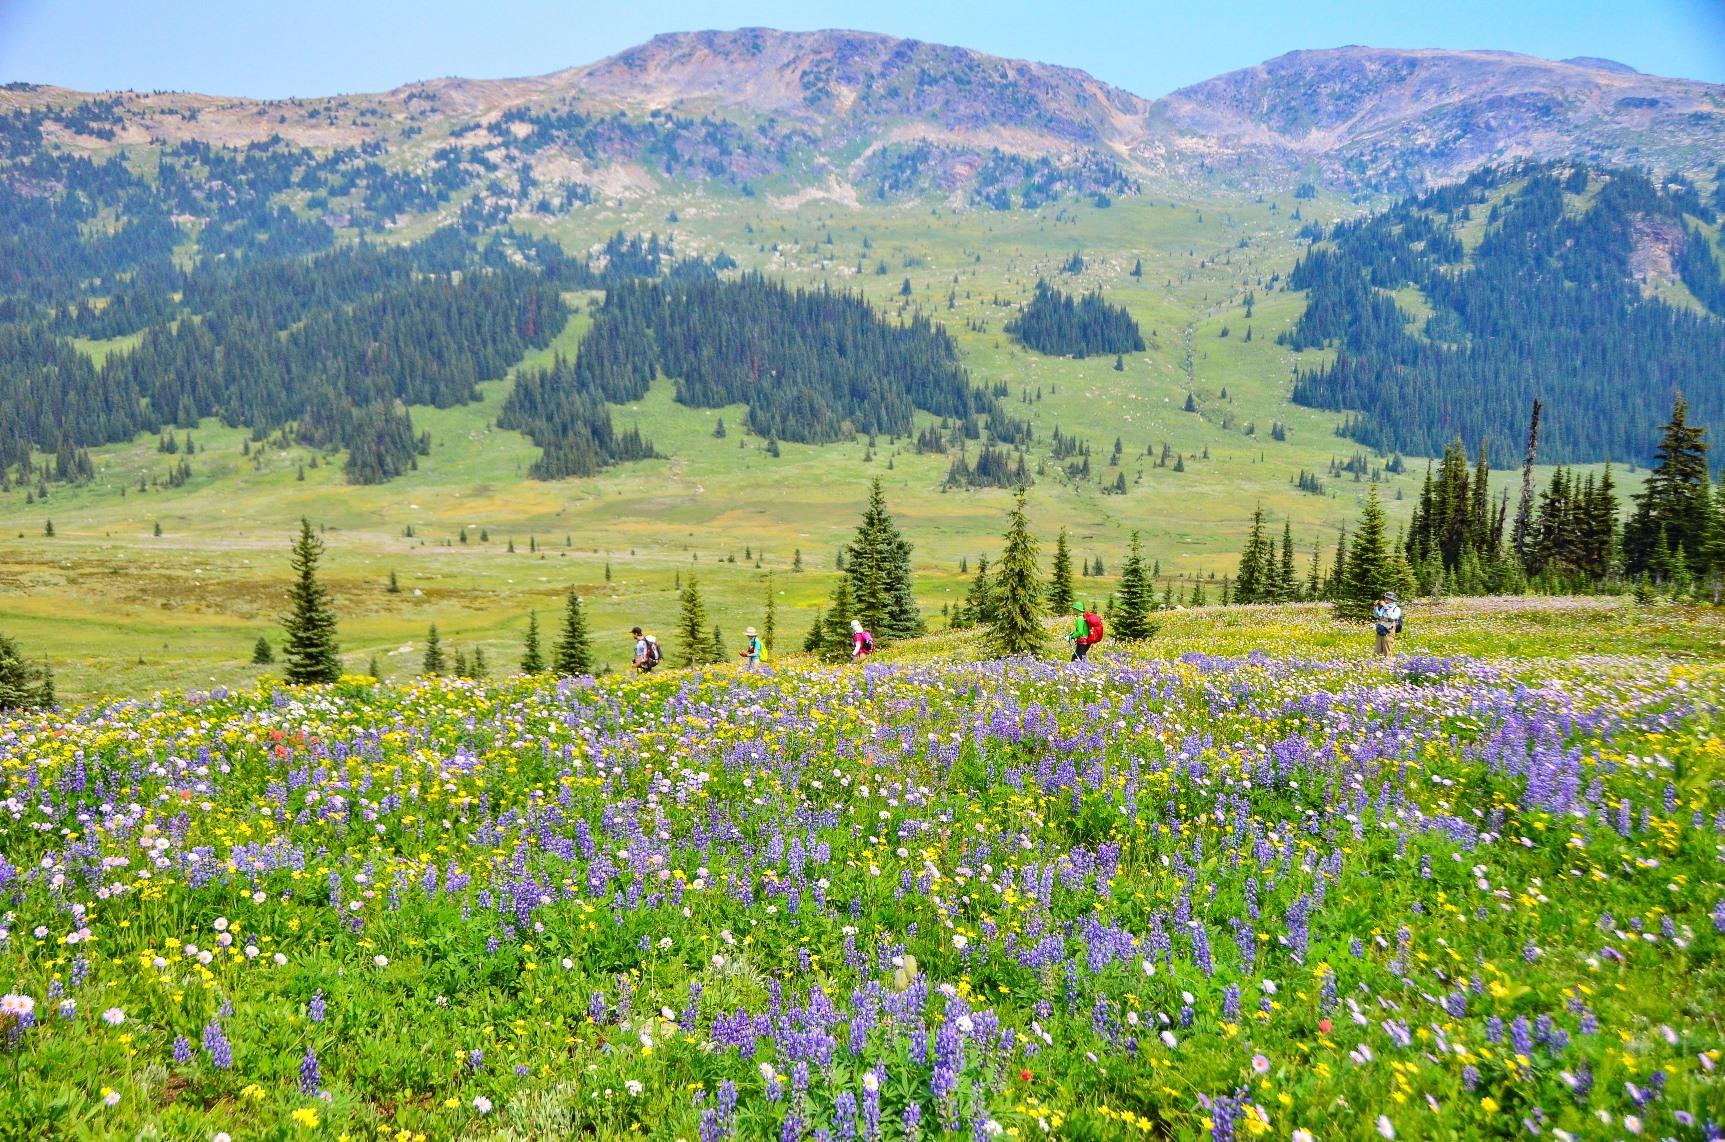 花の宝庫ウエルズグレイ州立公園は、足の踏み場がないほど高山植物でいっぱいに